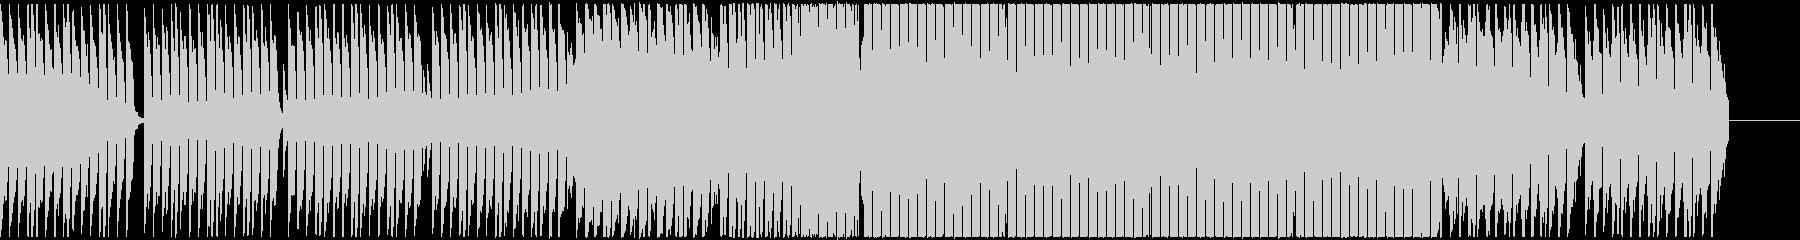 アガるダンス・ミュージック(EDM)の未再生の波形